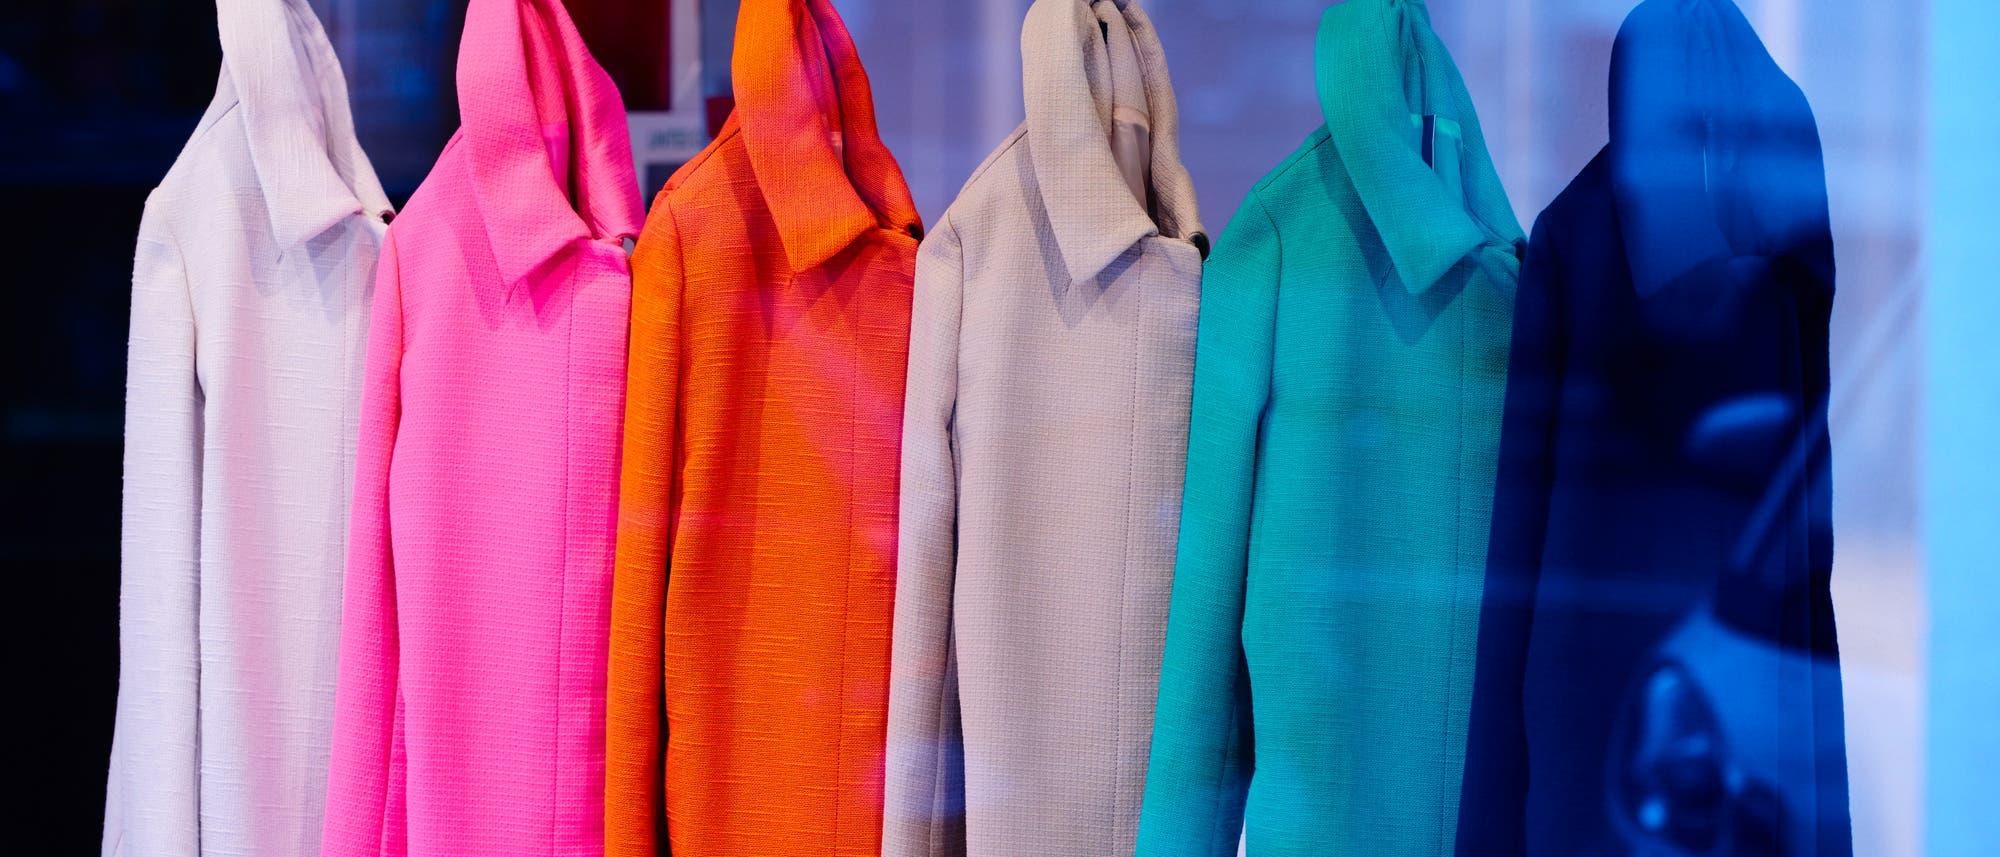 Eine Reihe der gleichen Mäntel in verschiedenen Farben